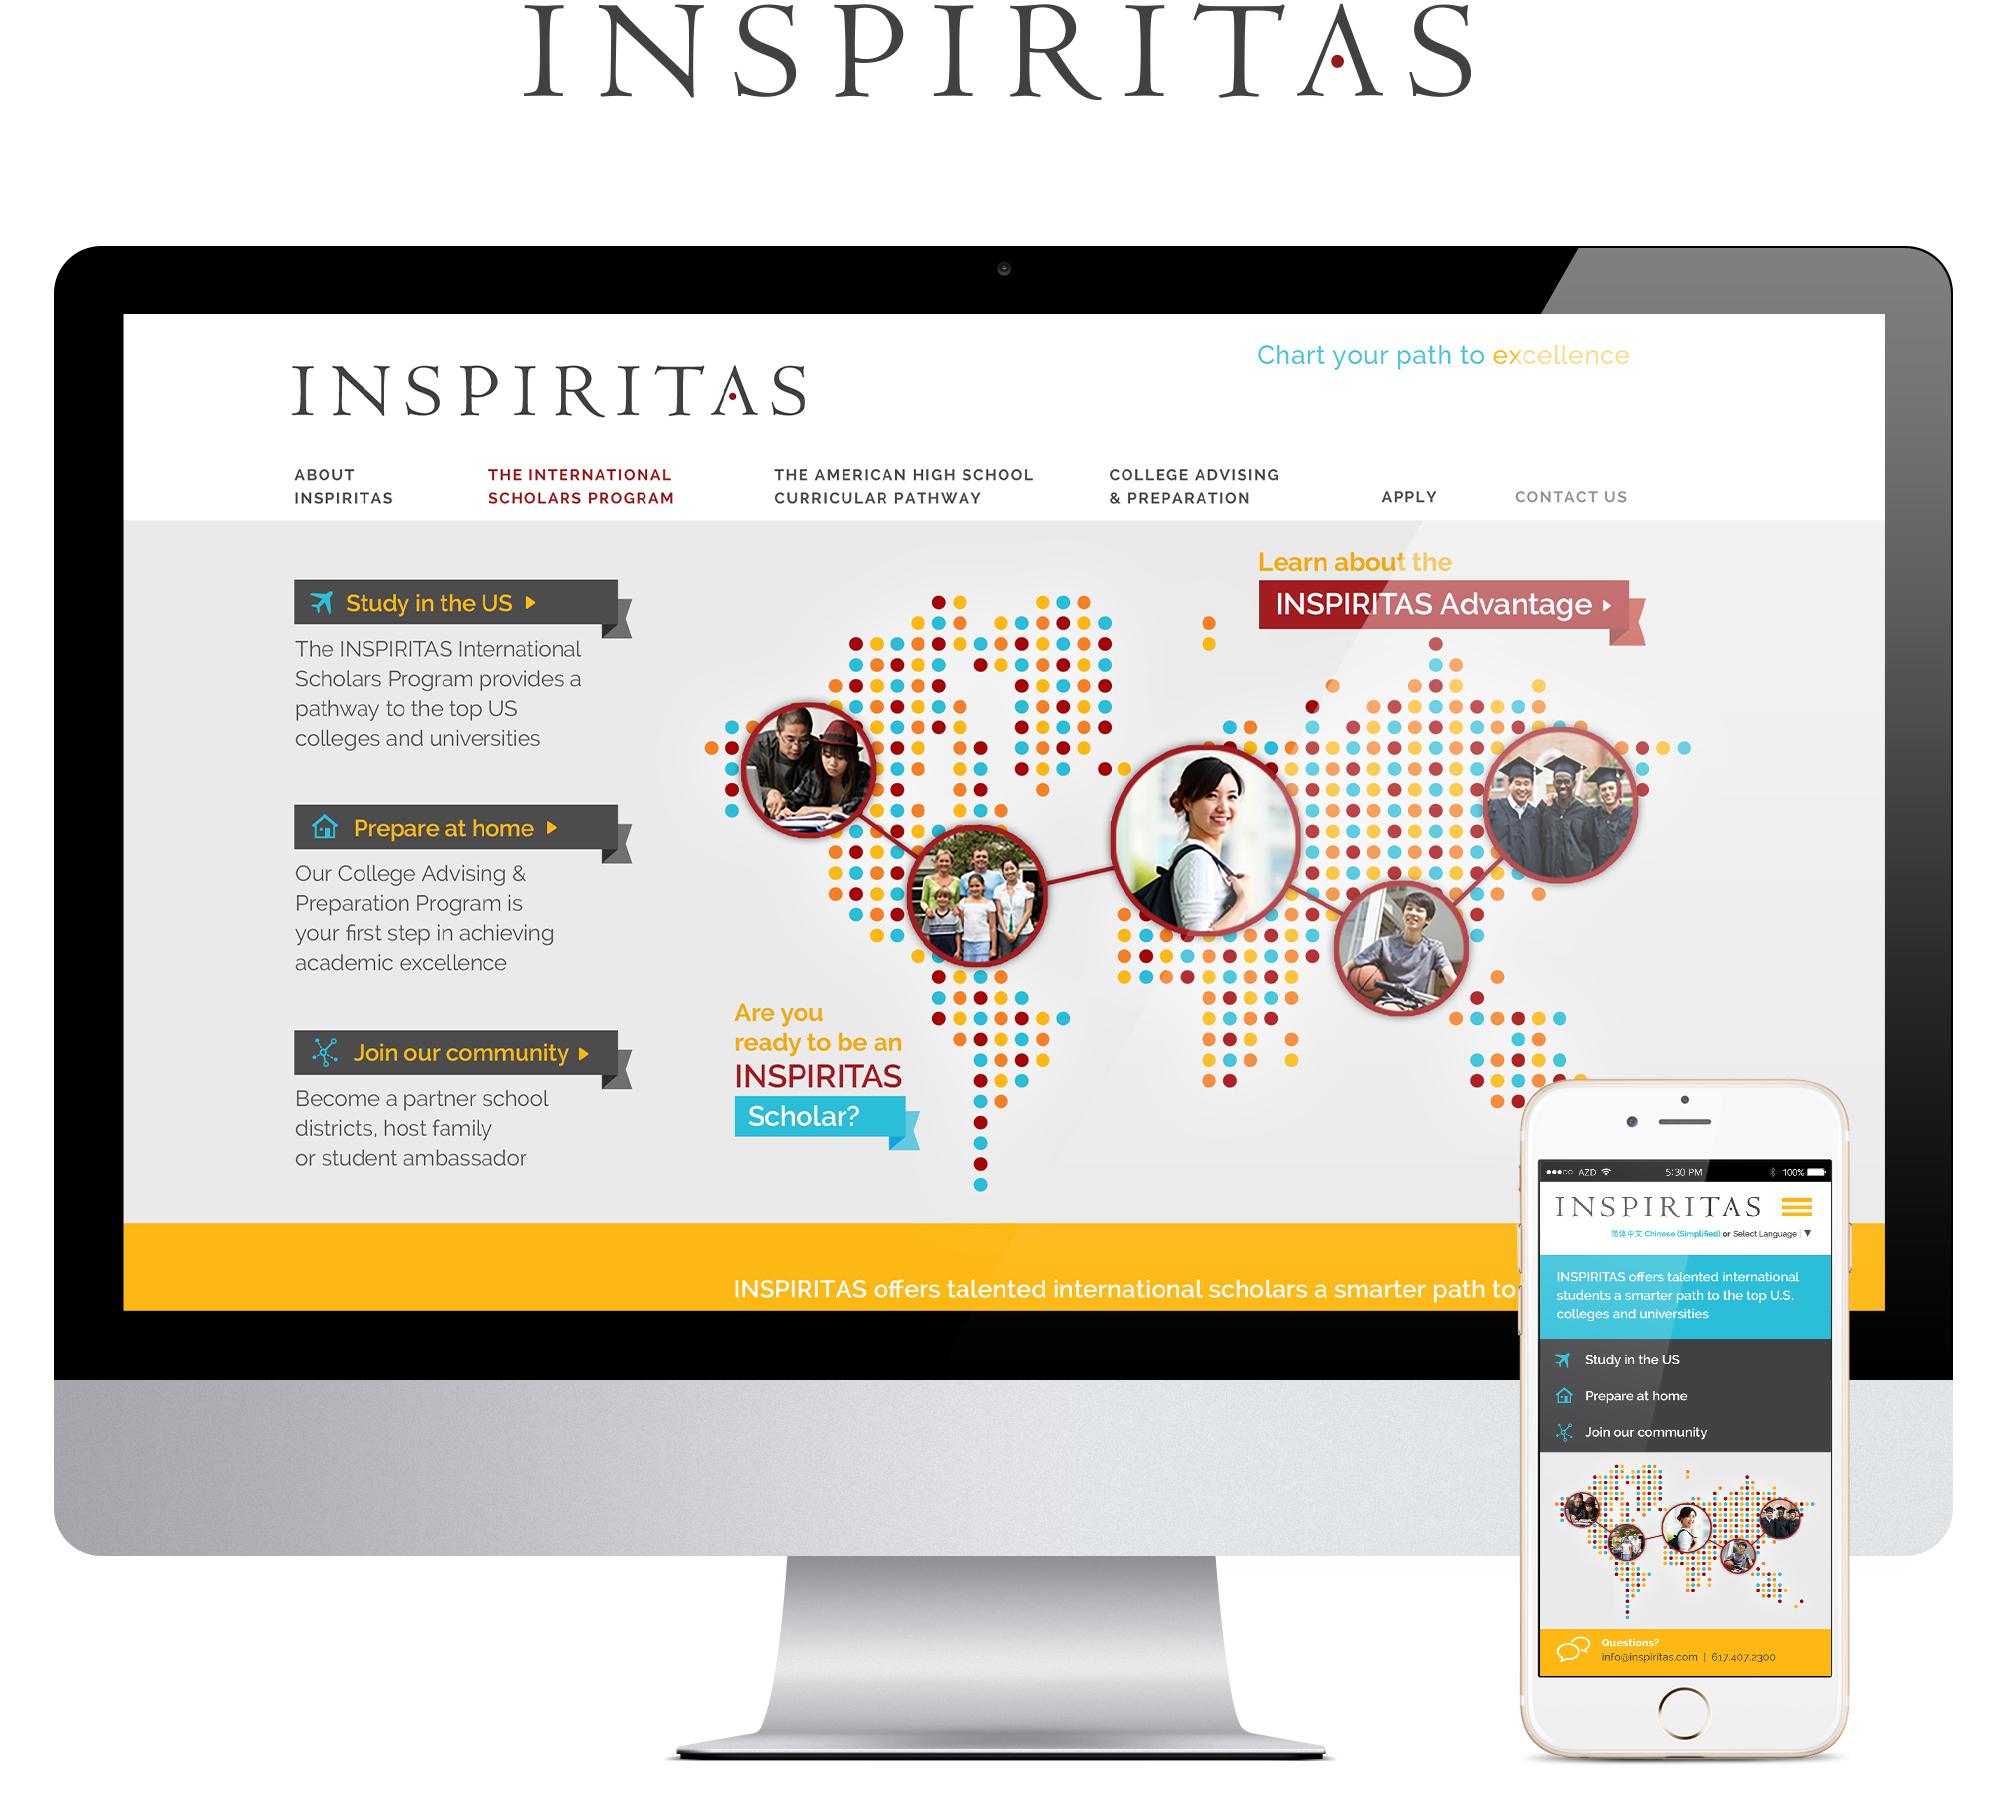 inspiritas_suite.jpg